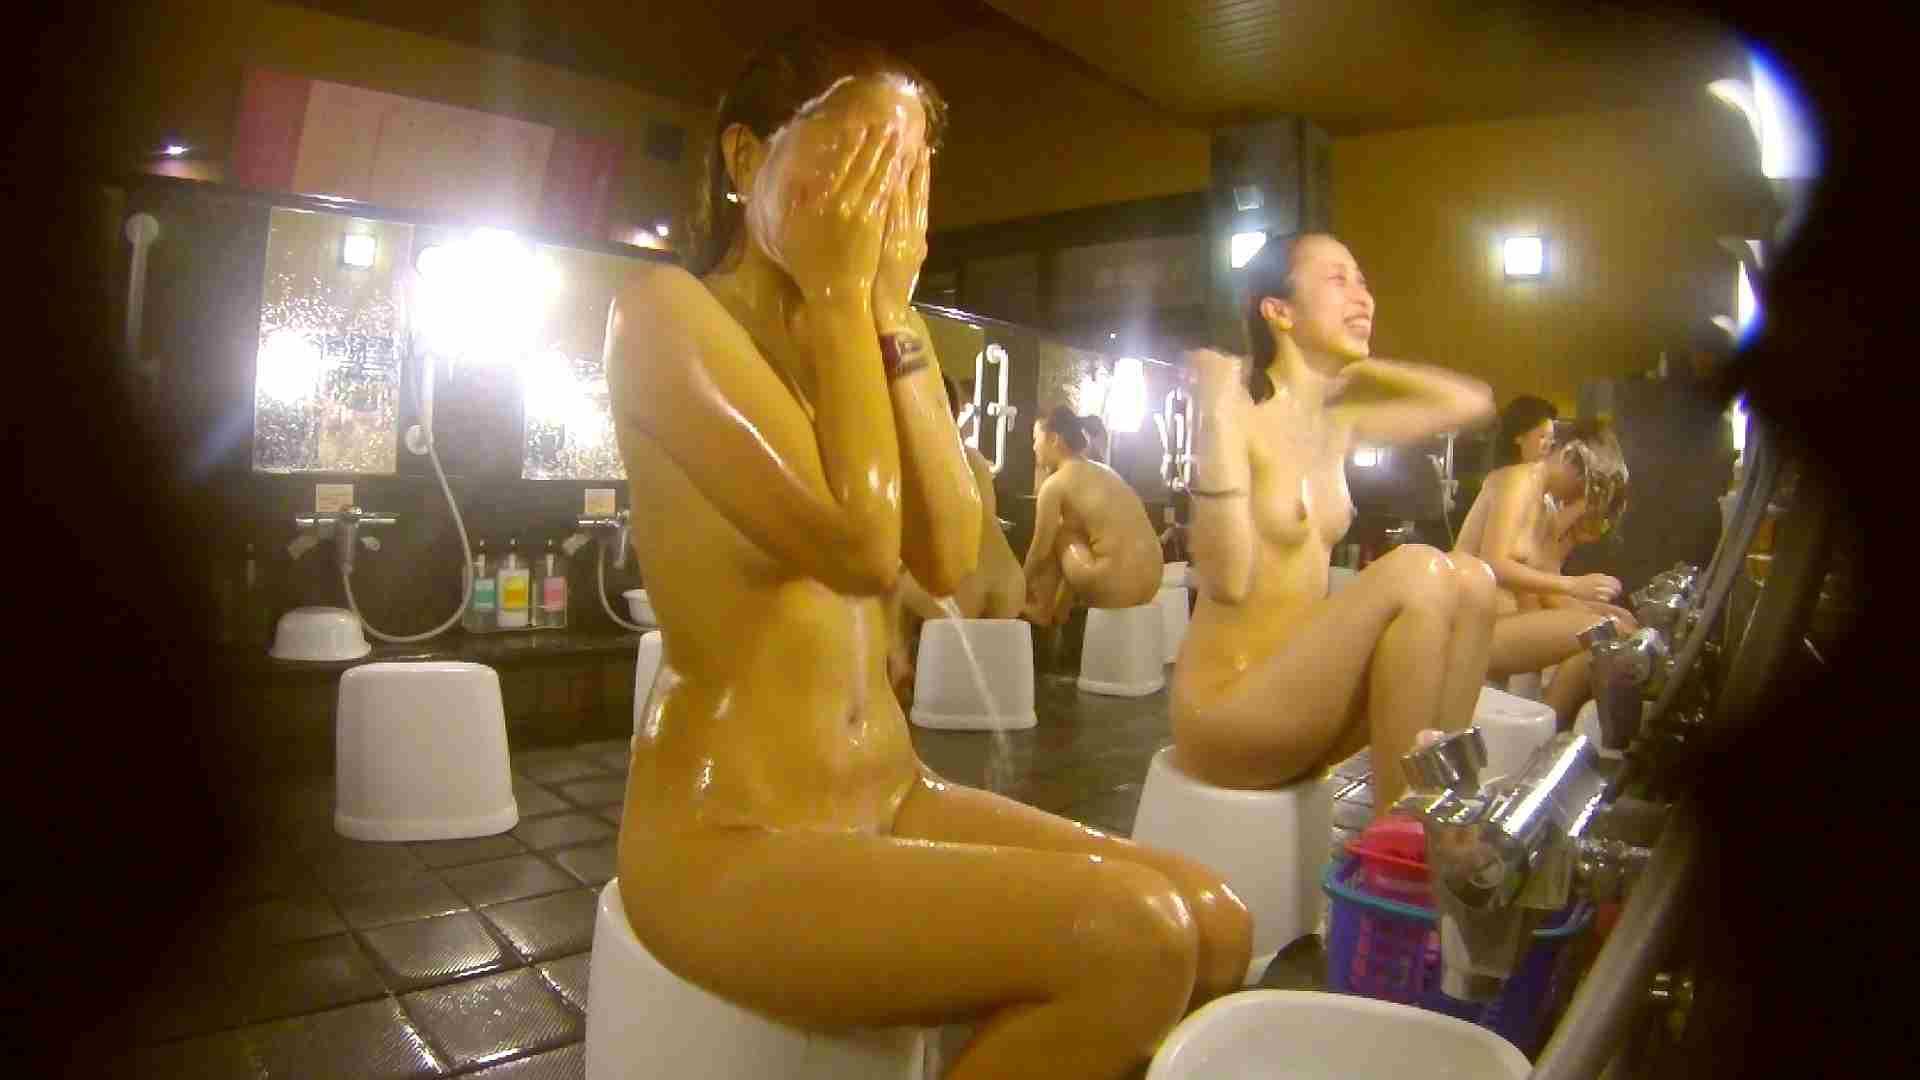 追い撮り!脱衣~洗い場、そして着替え、髪を乾かすまで完全追跡。 女湯のぞき ワレメ動画紹介 84枚 62